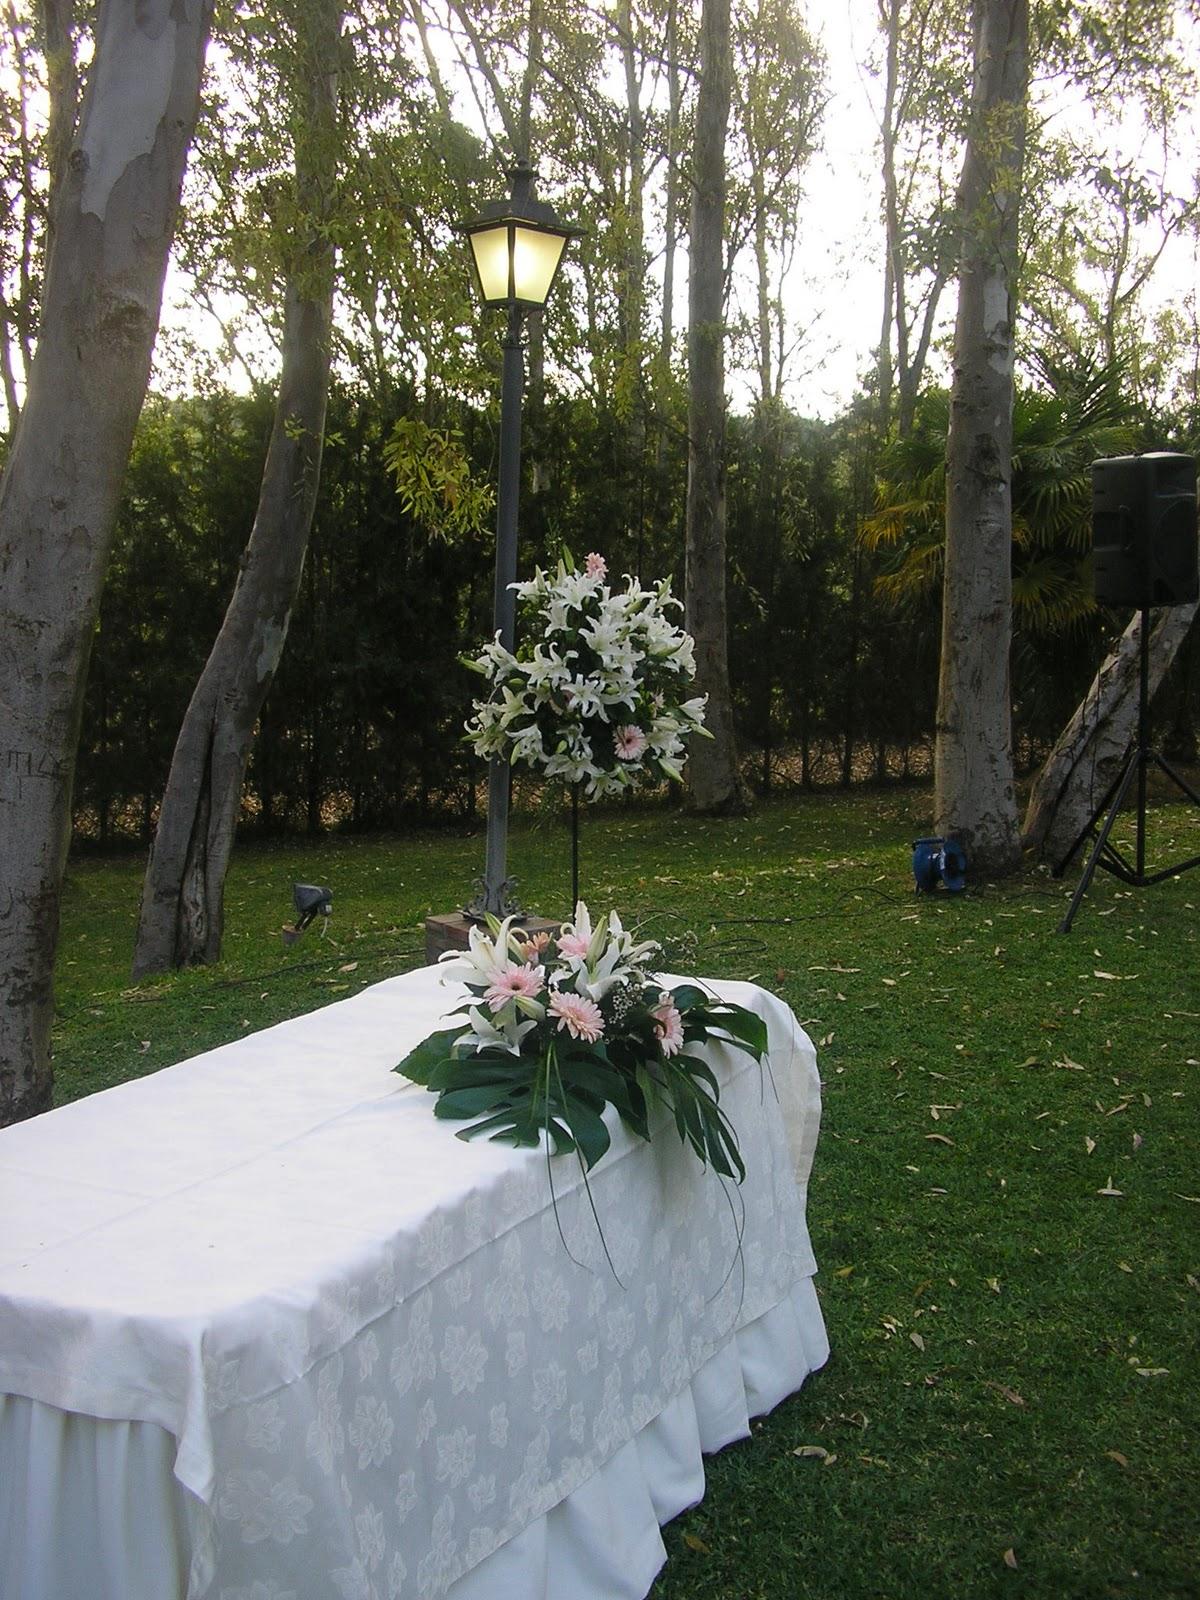 Abril flores y plantas decoracion del jardin de la for Jardines de la hacienda